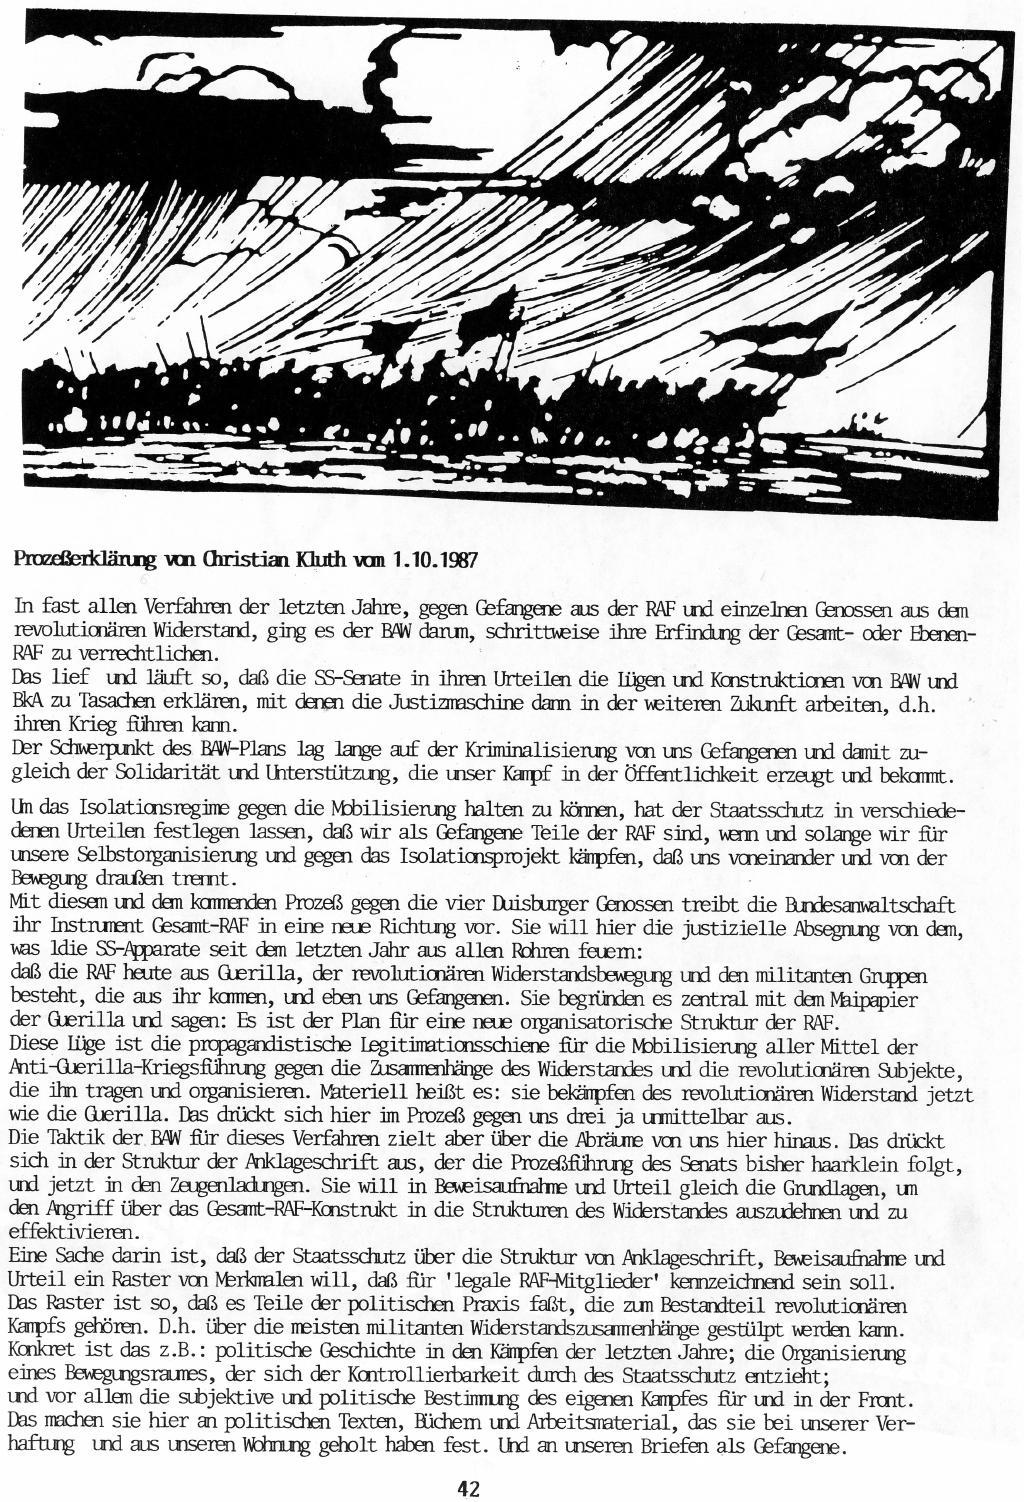 Duesseldorf_1989_Sechs_Politische_Gefangene_042